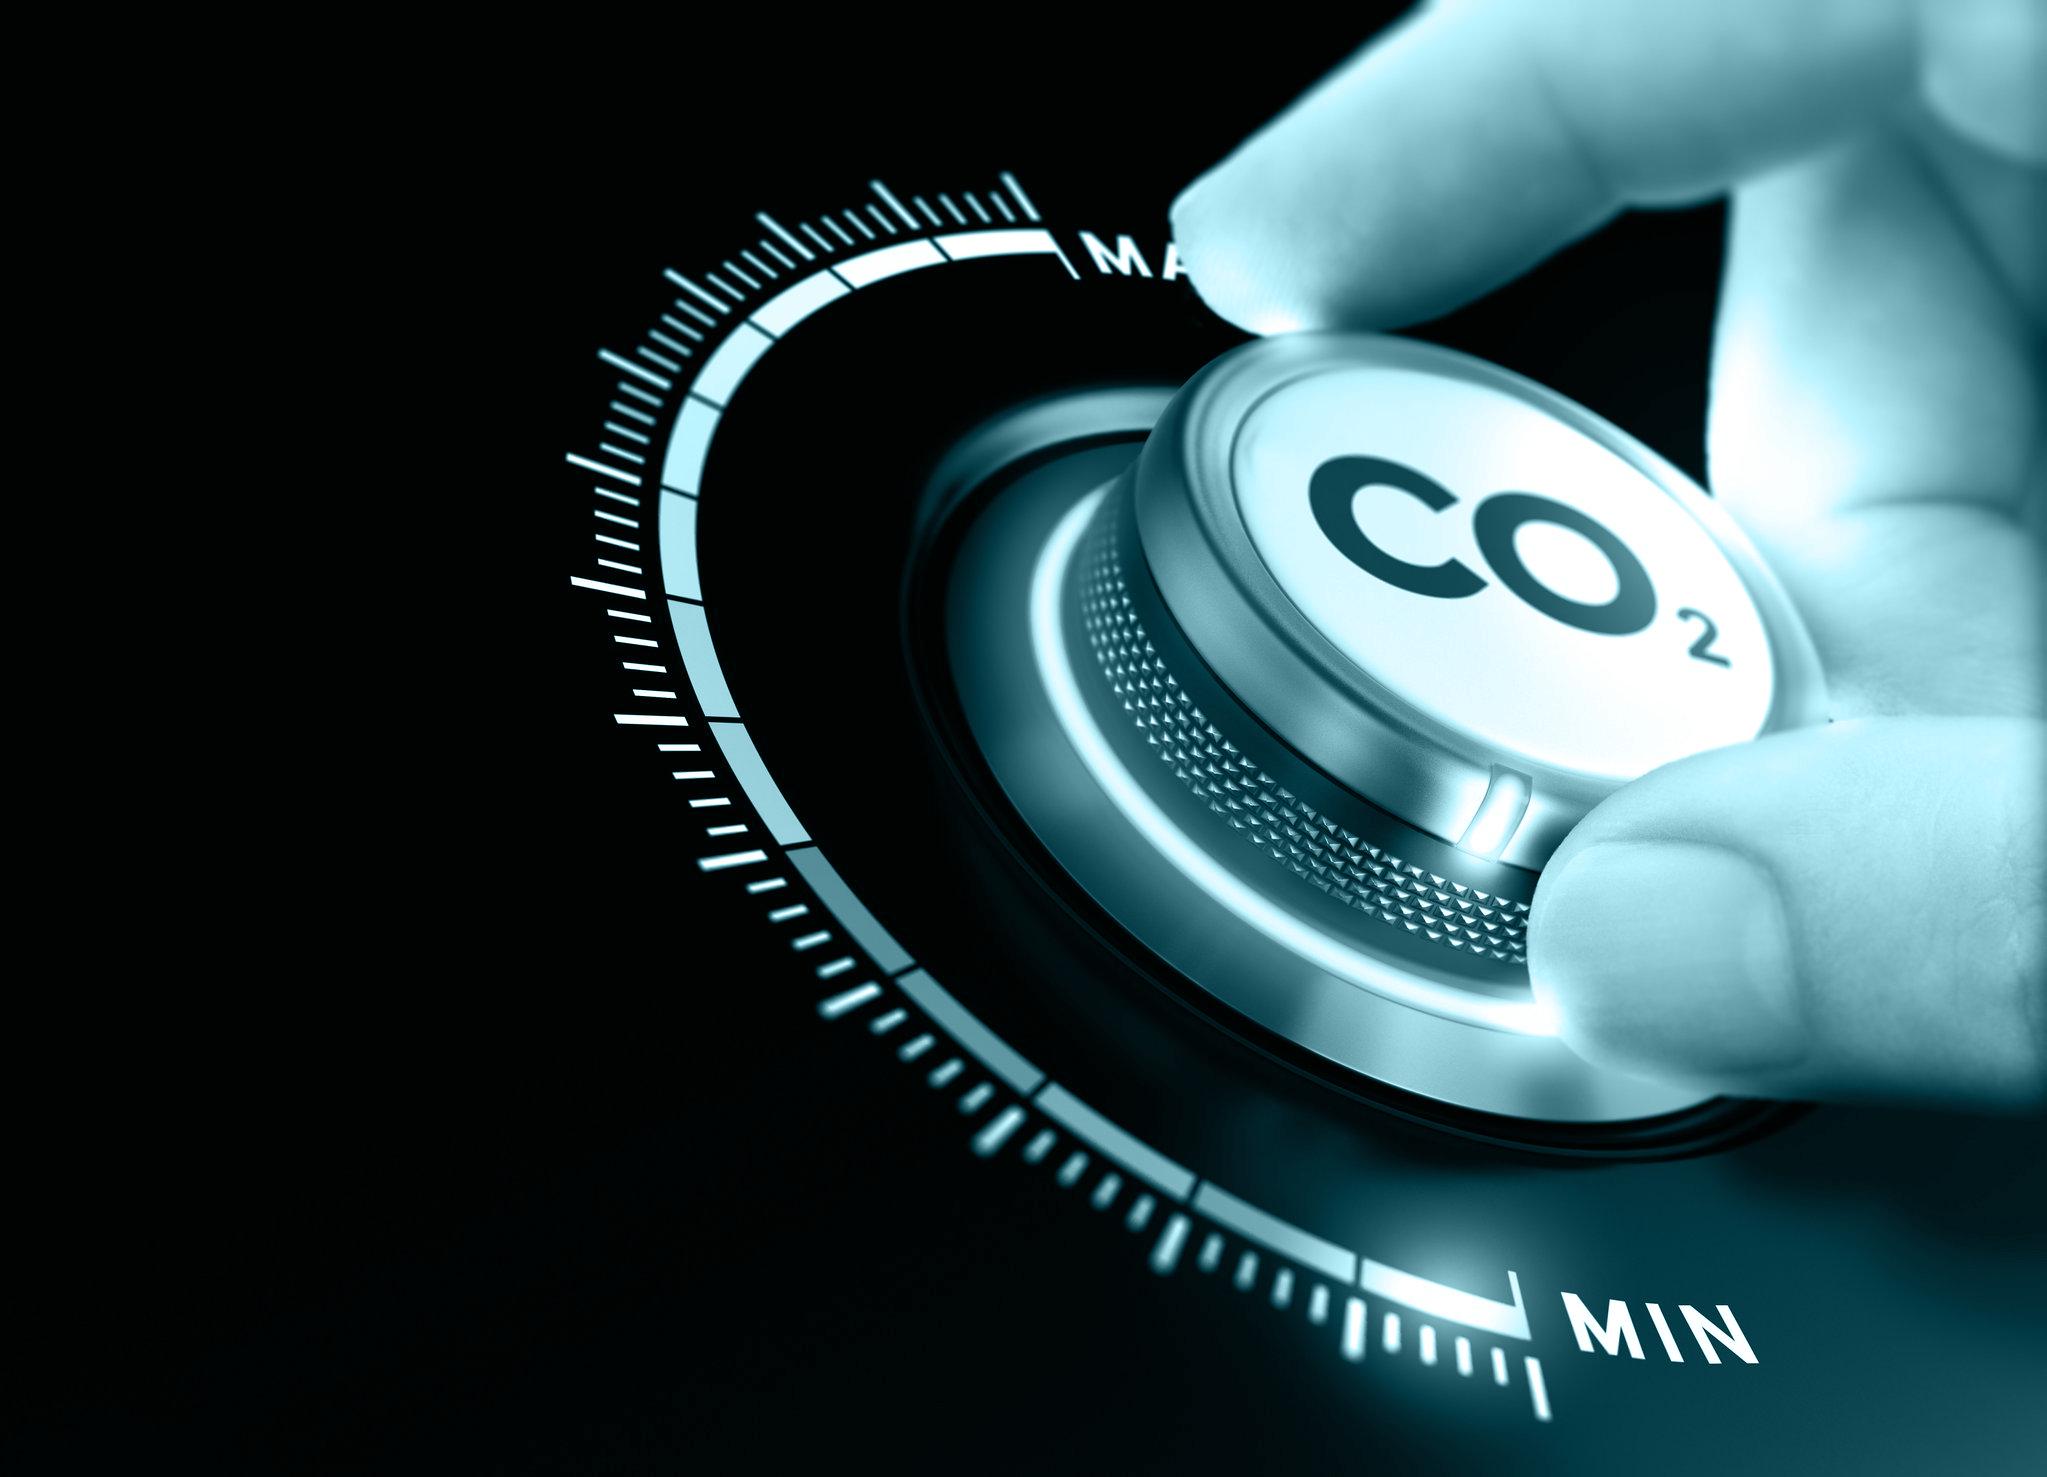 Neutralité carbone et démarche TCO²